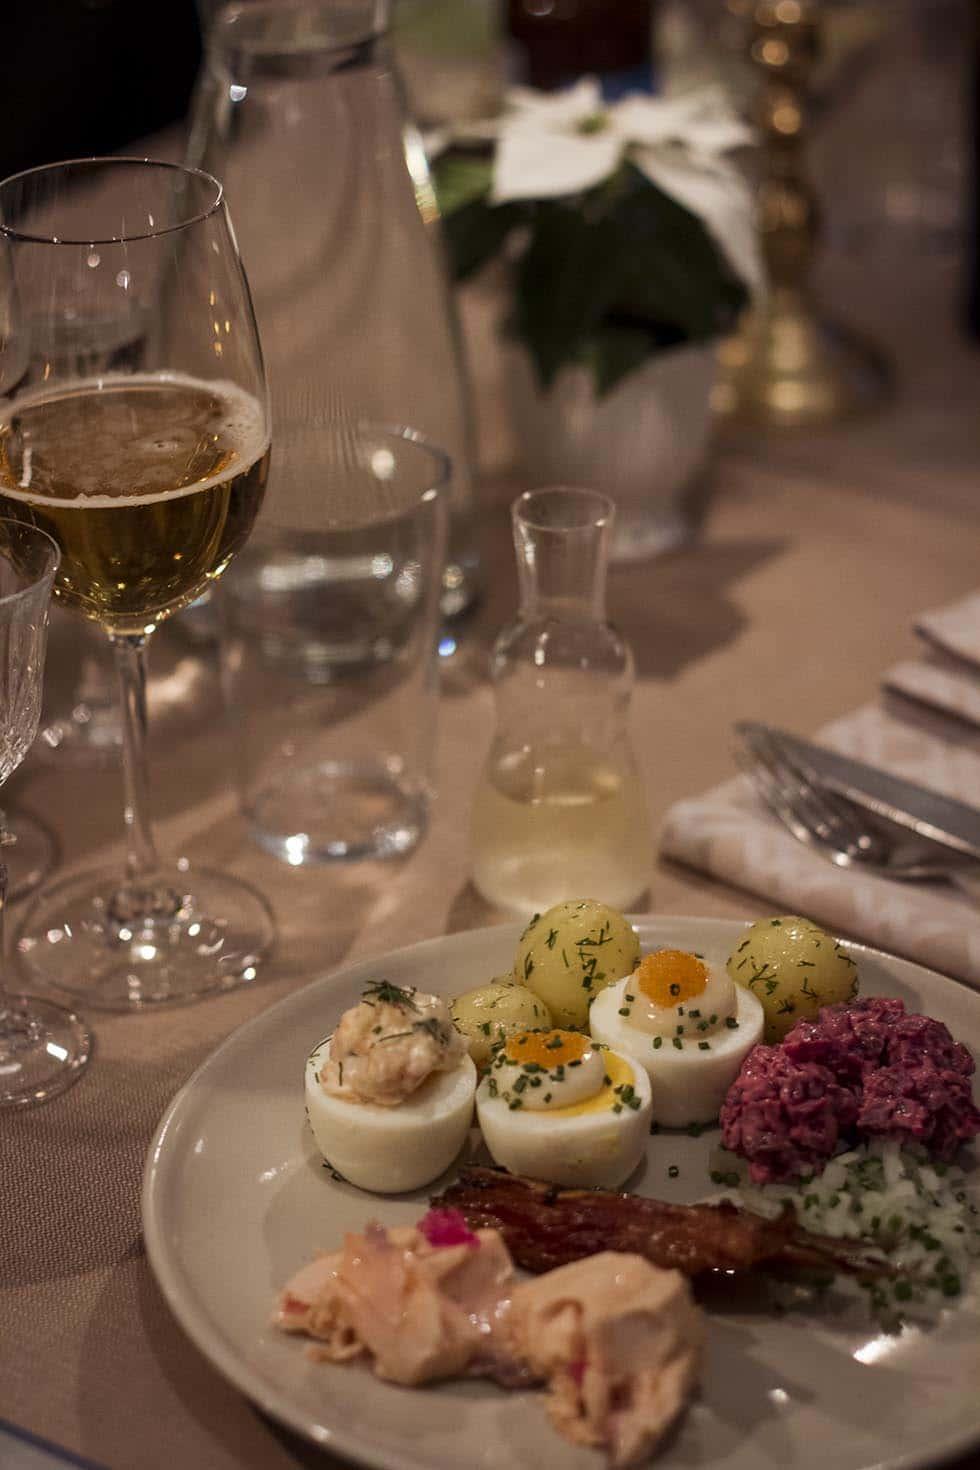 Bockholmen Hav & Restaurang julbord IMG_1293